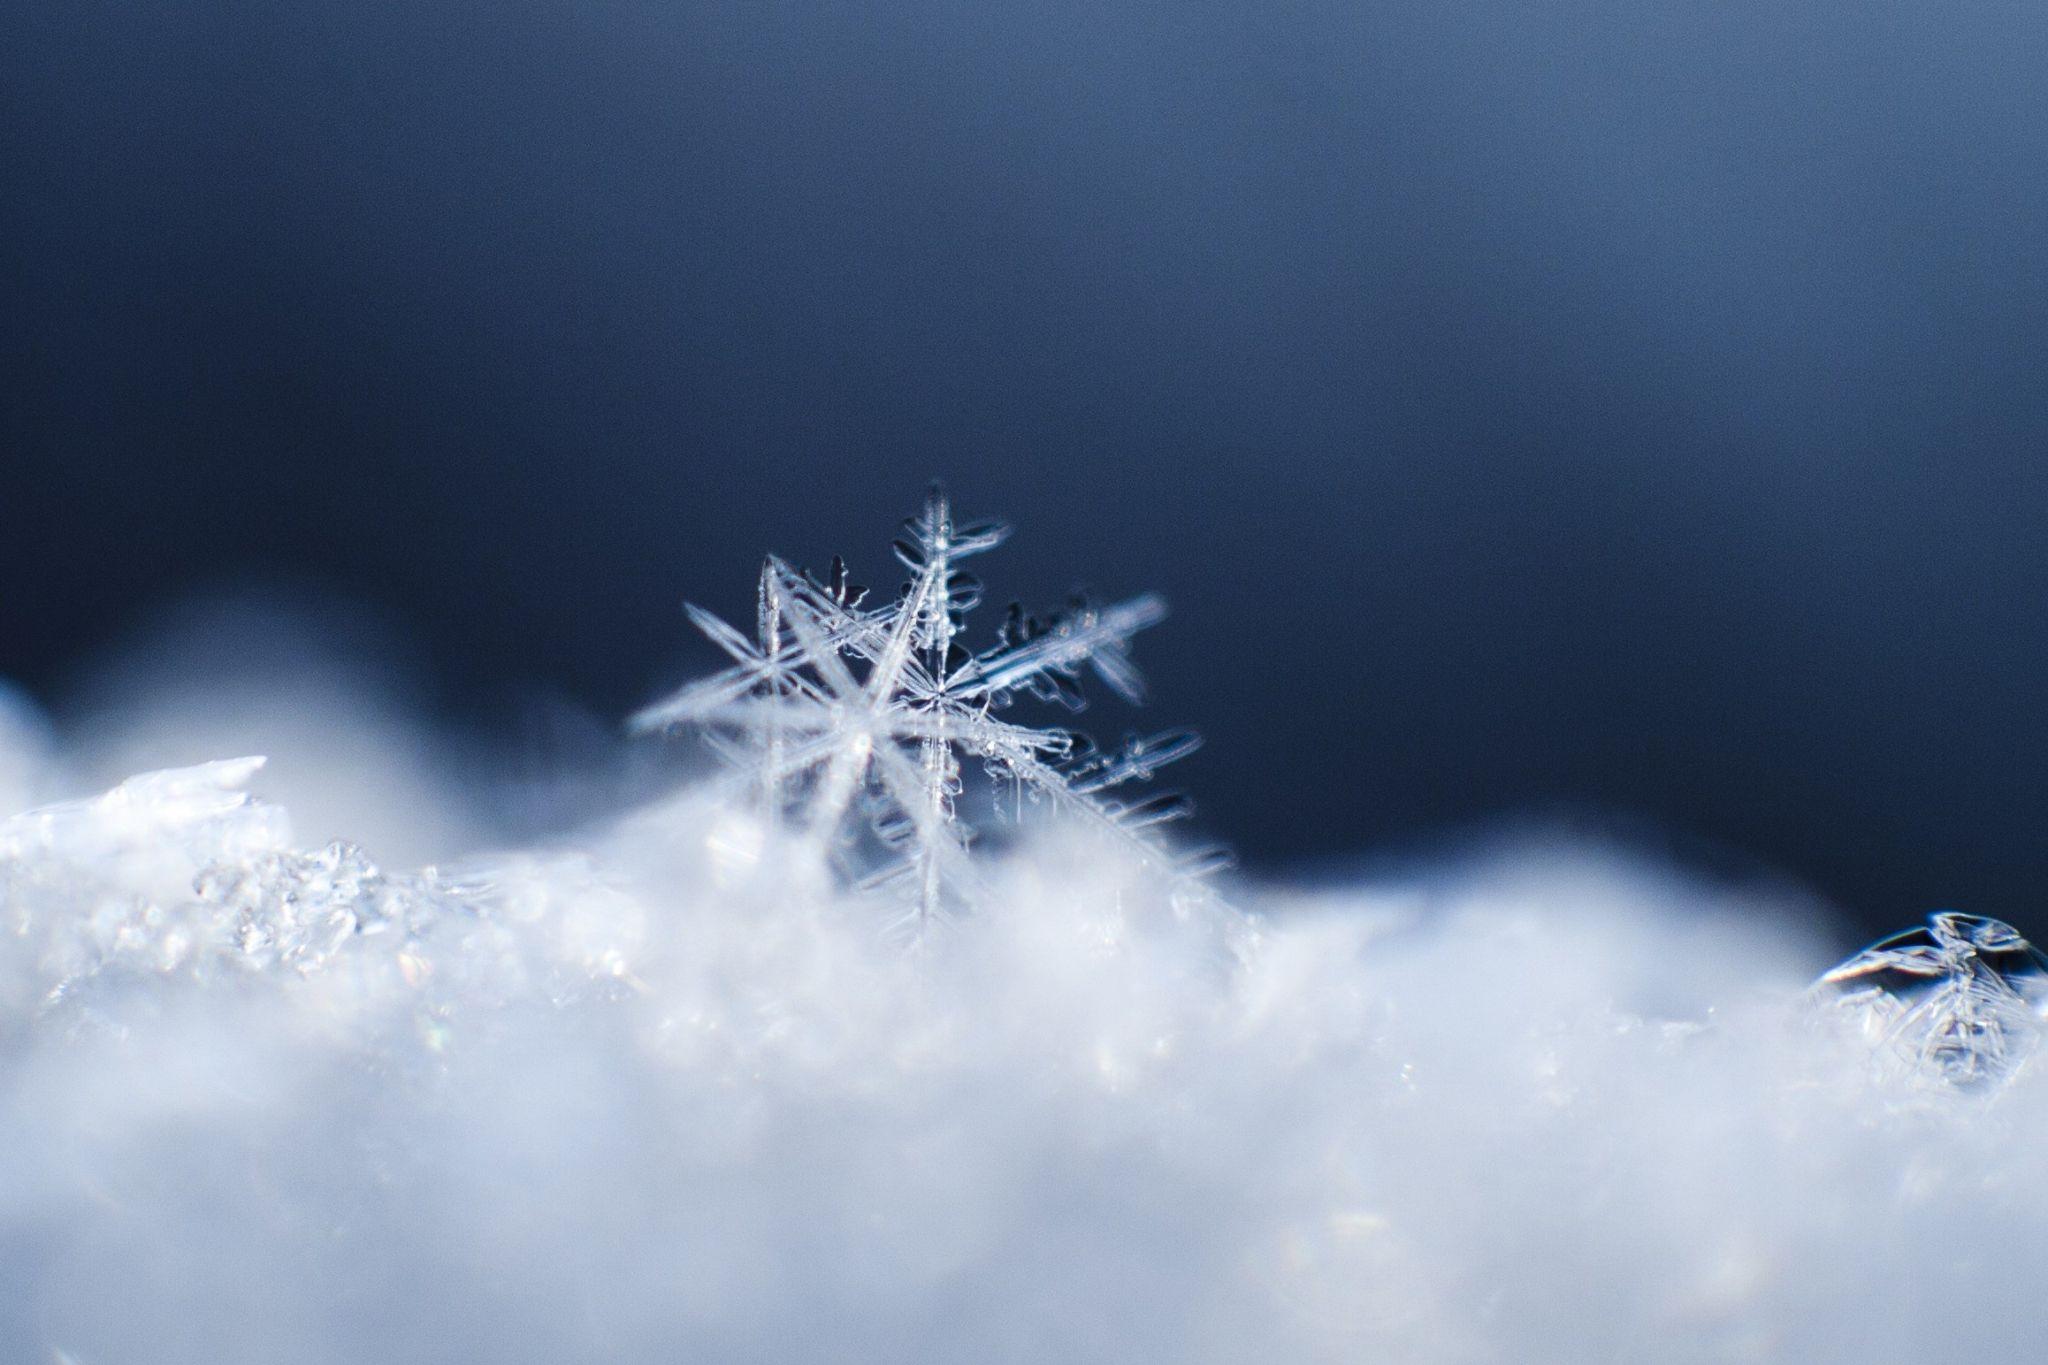 snowflake desktop wallpaper Snowflake wallpaper